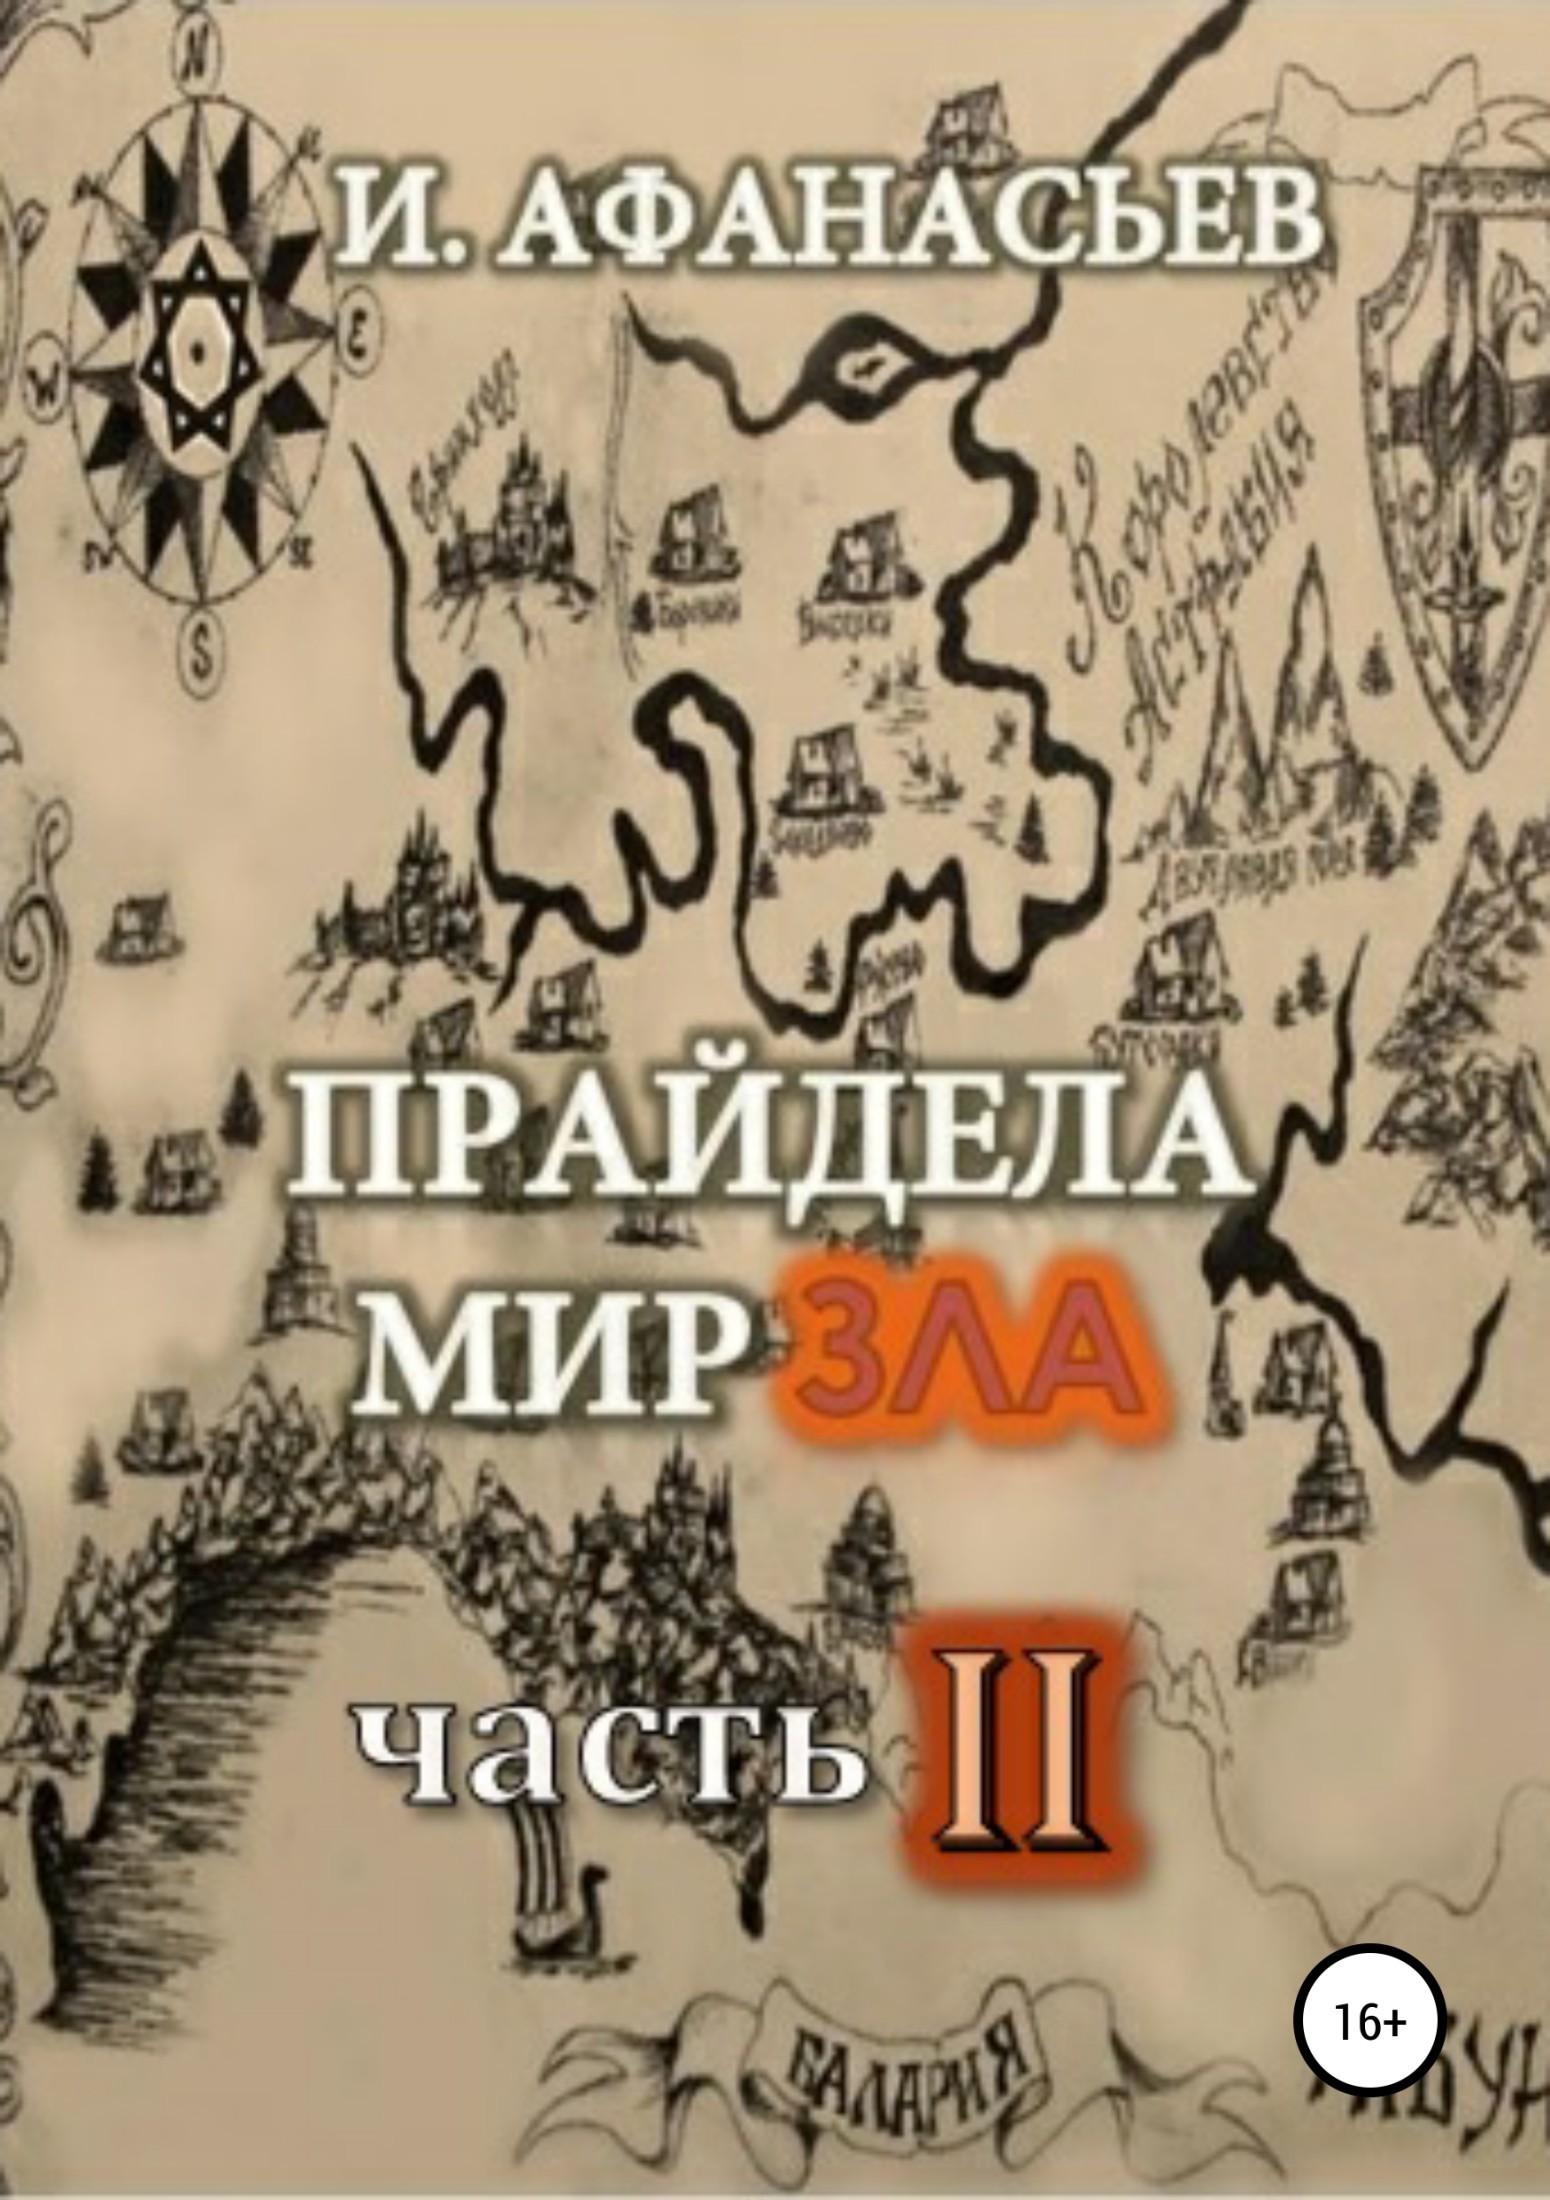 Игорь Афанасьев - Прайдела мир зла. Часть-2